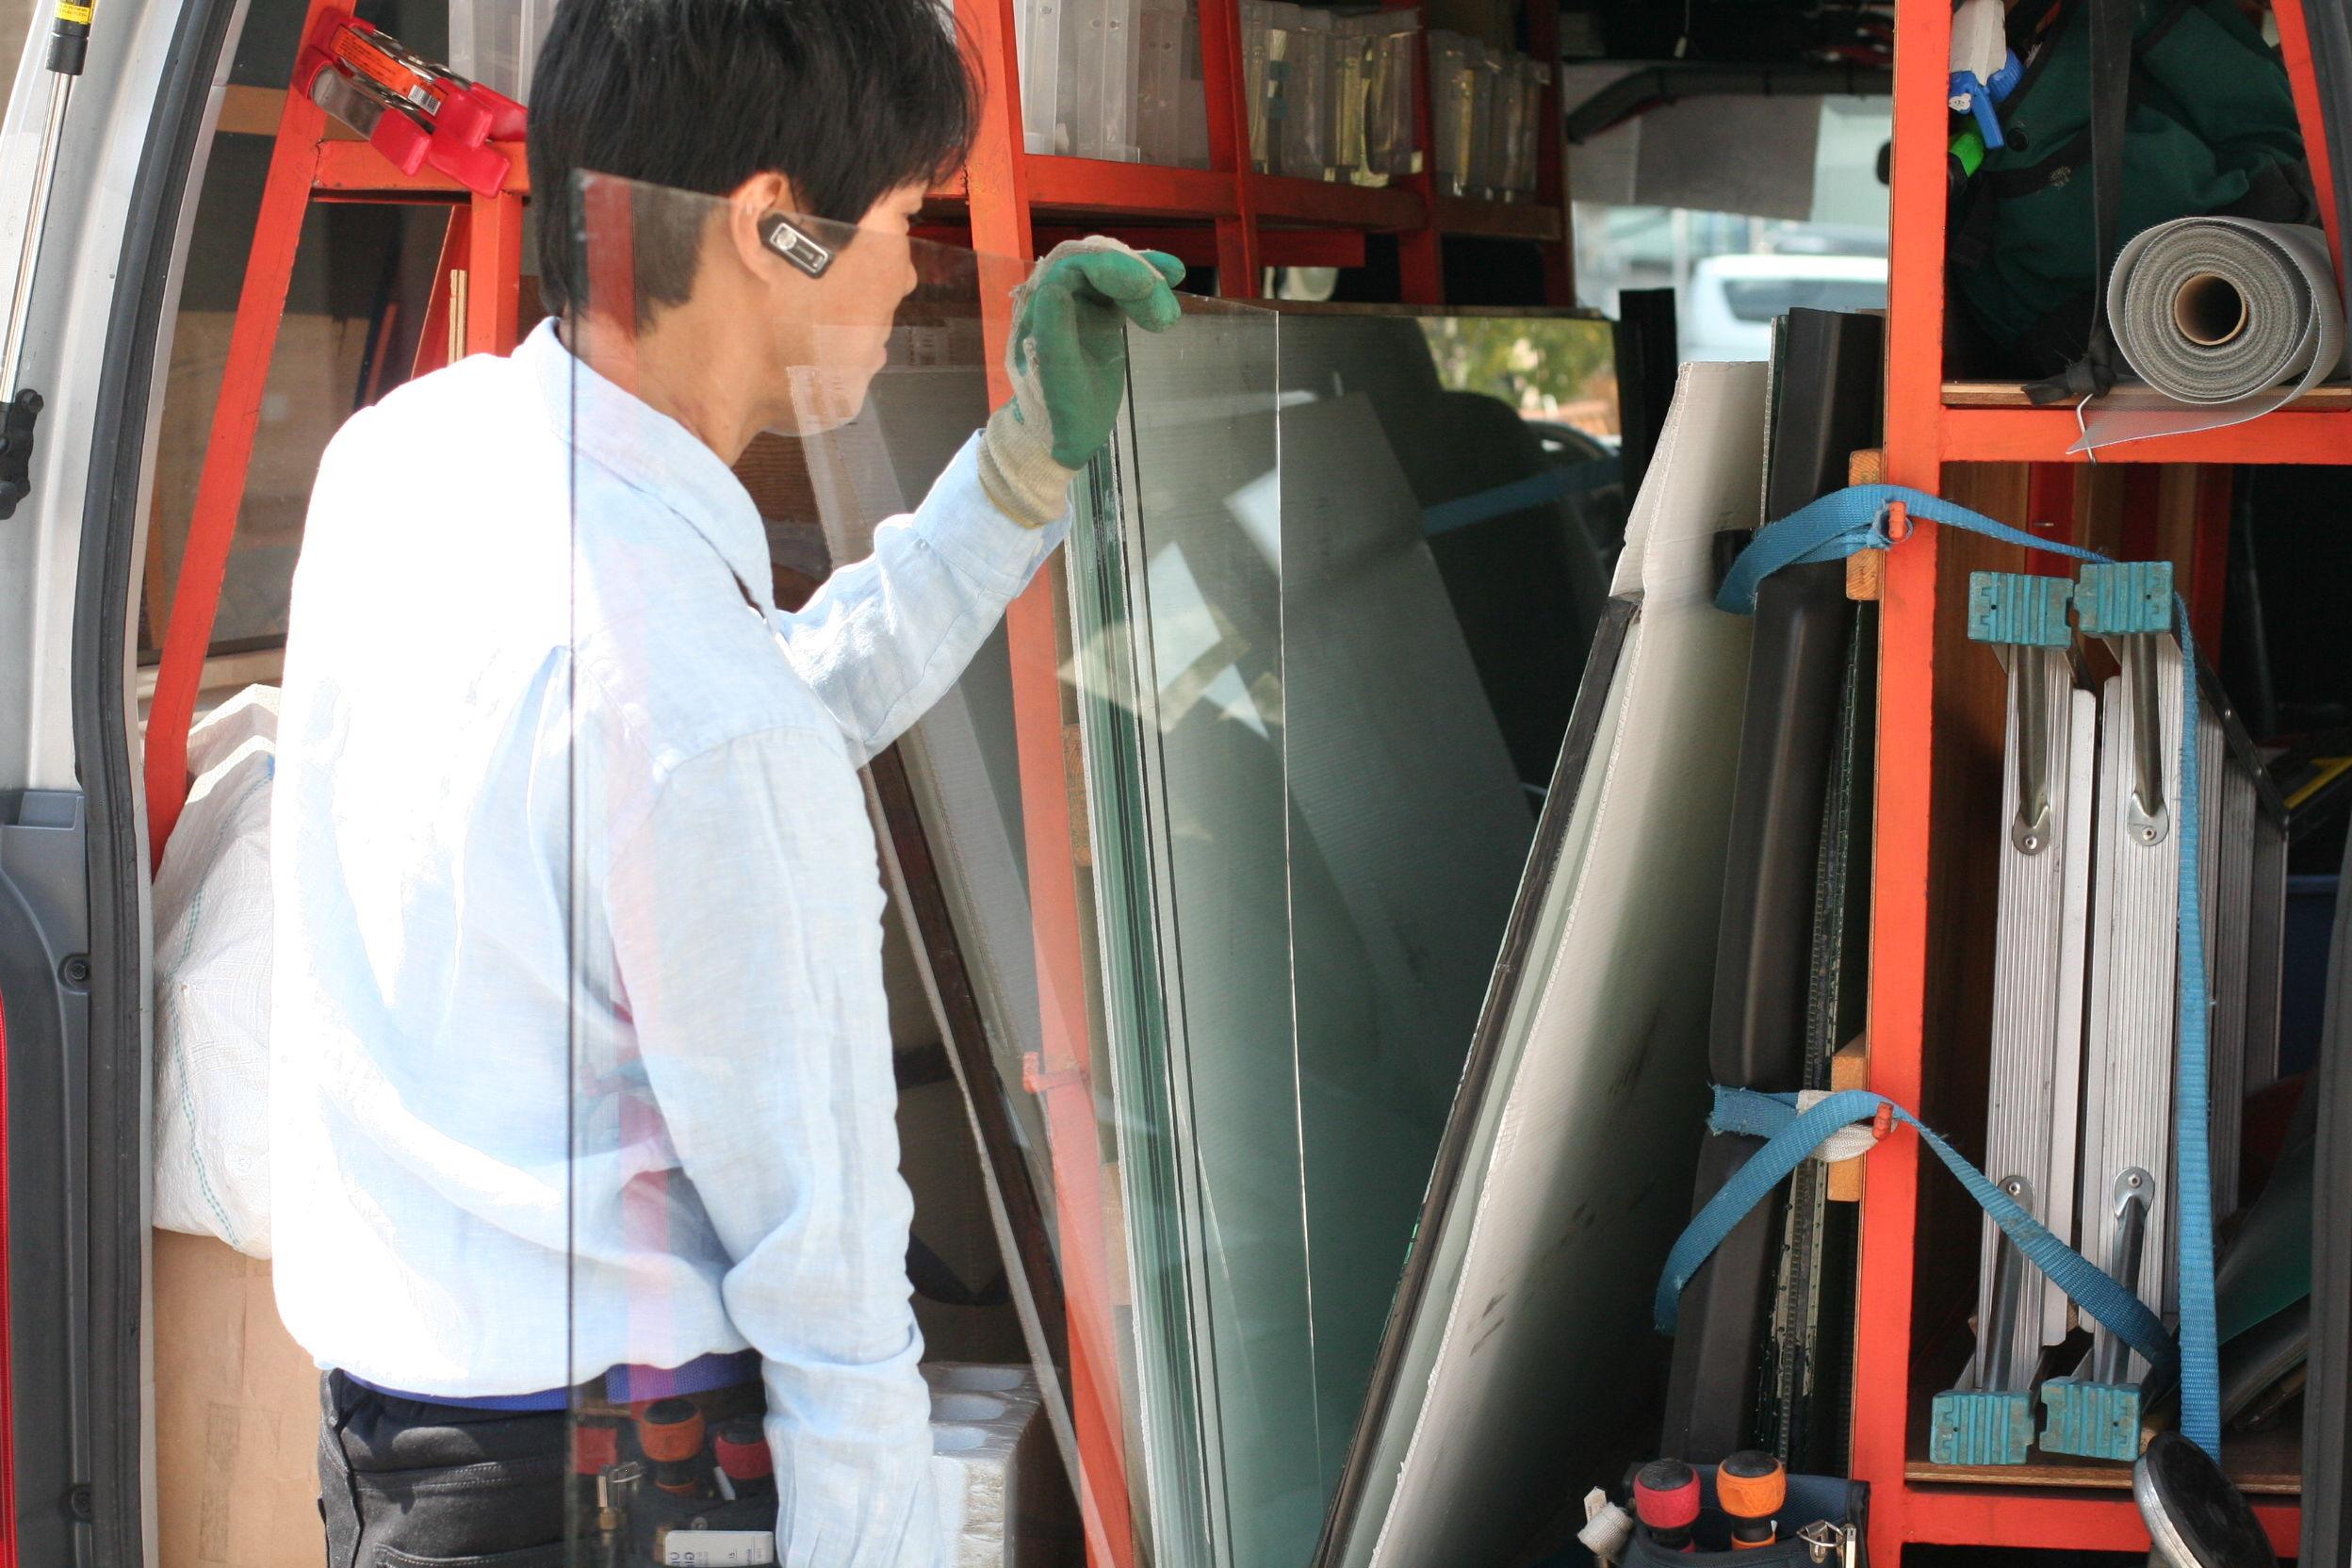 ガラスのトラブル救Q隊.24【守谷市 出張エリア】の店内・外観画像2